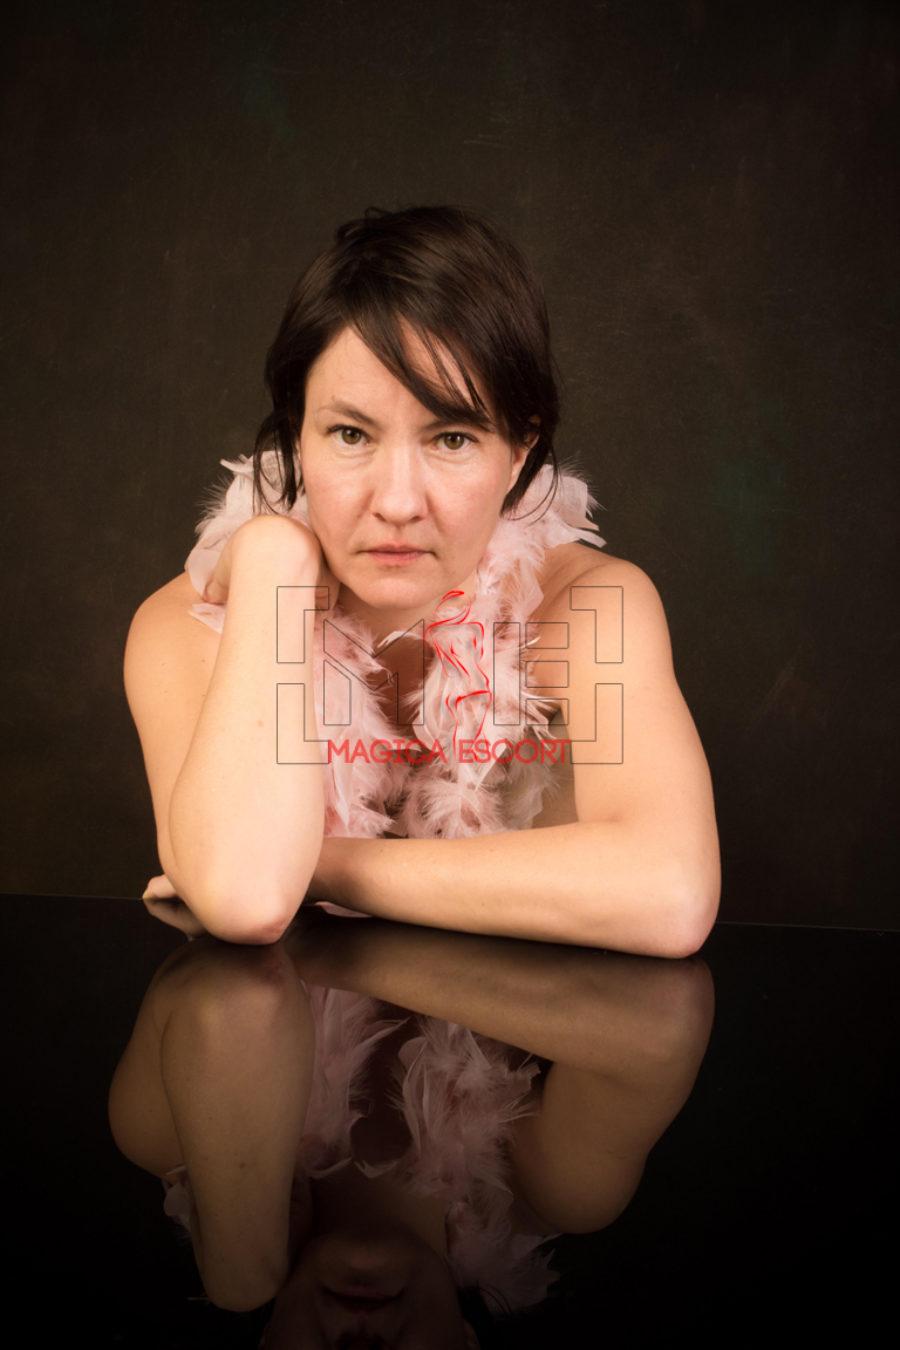 Sguardo intenso in questa foto in primo piano di Monica massaggiatrice tantra elite.